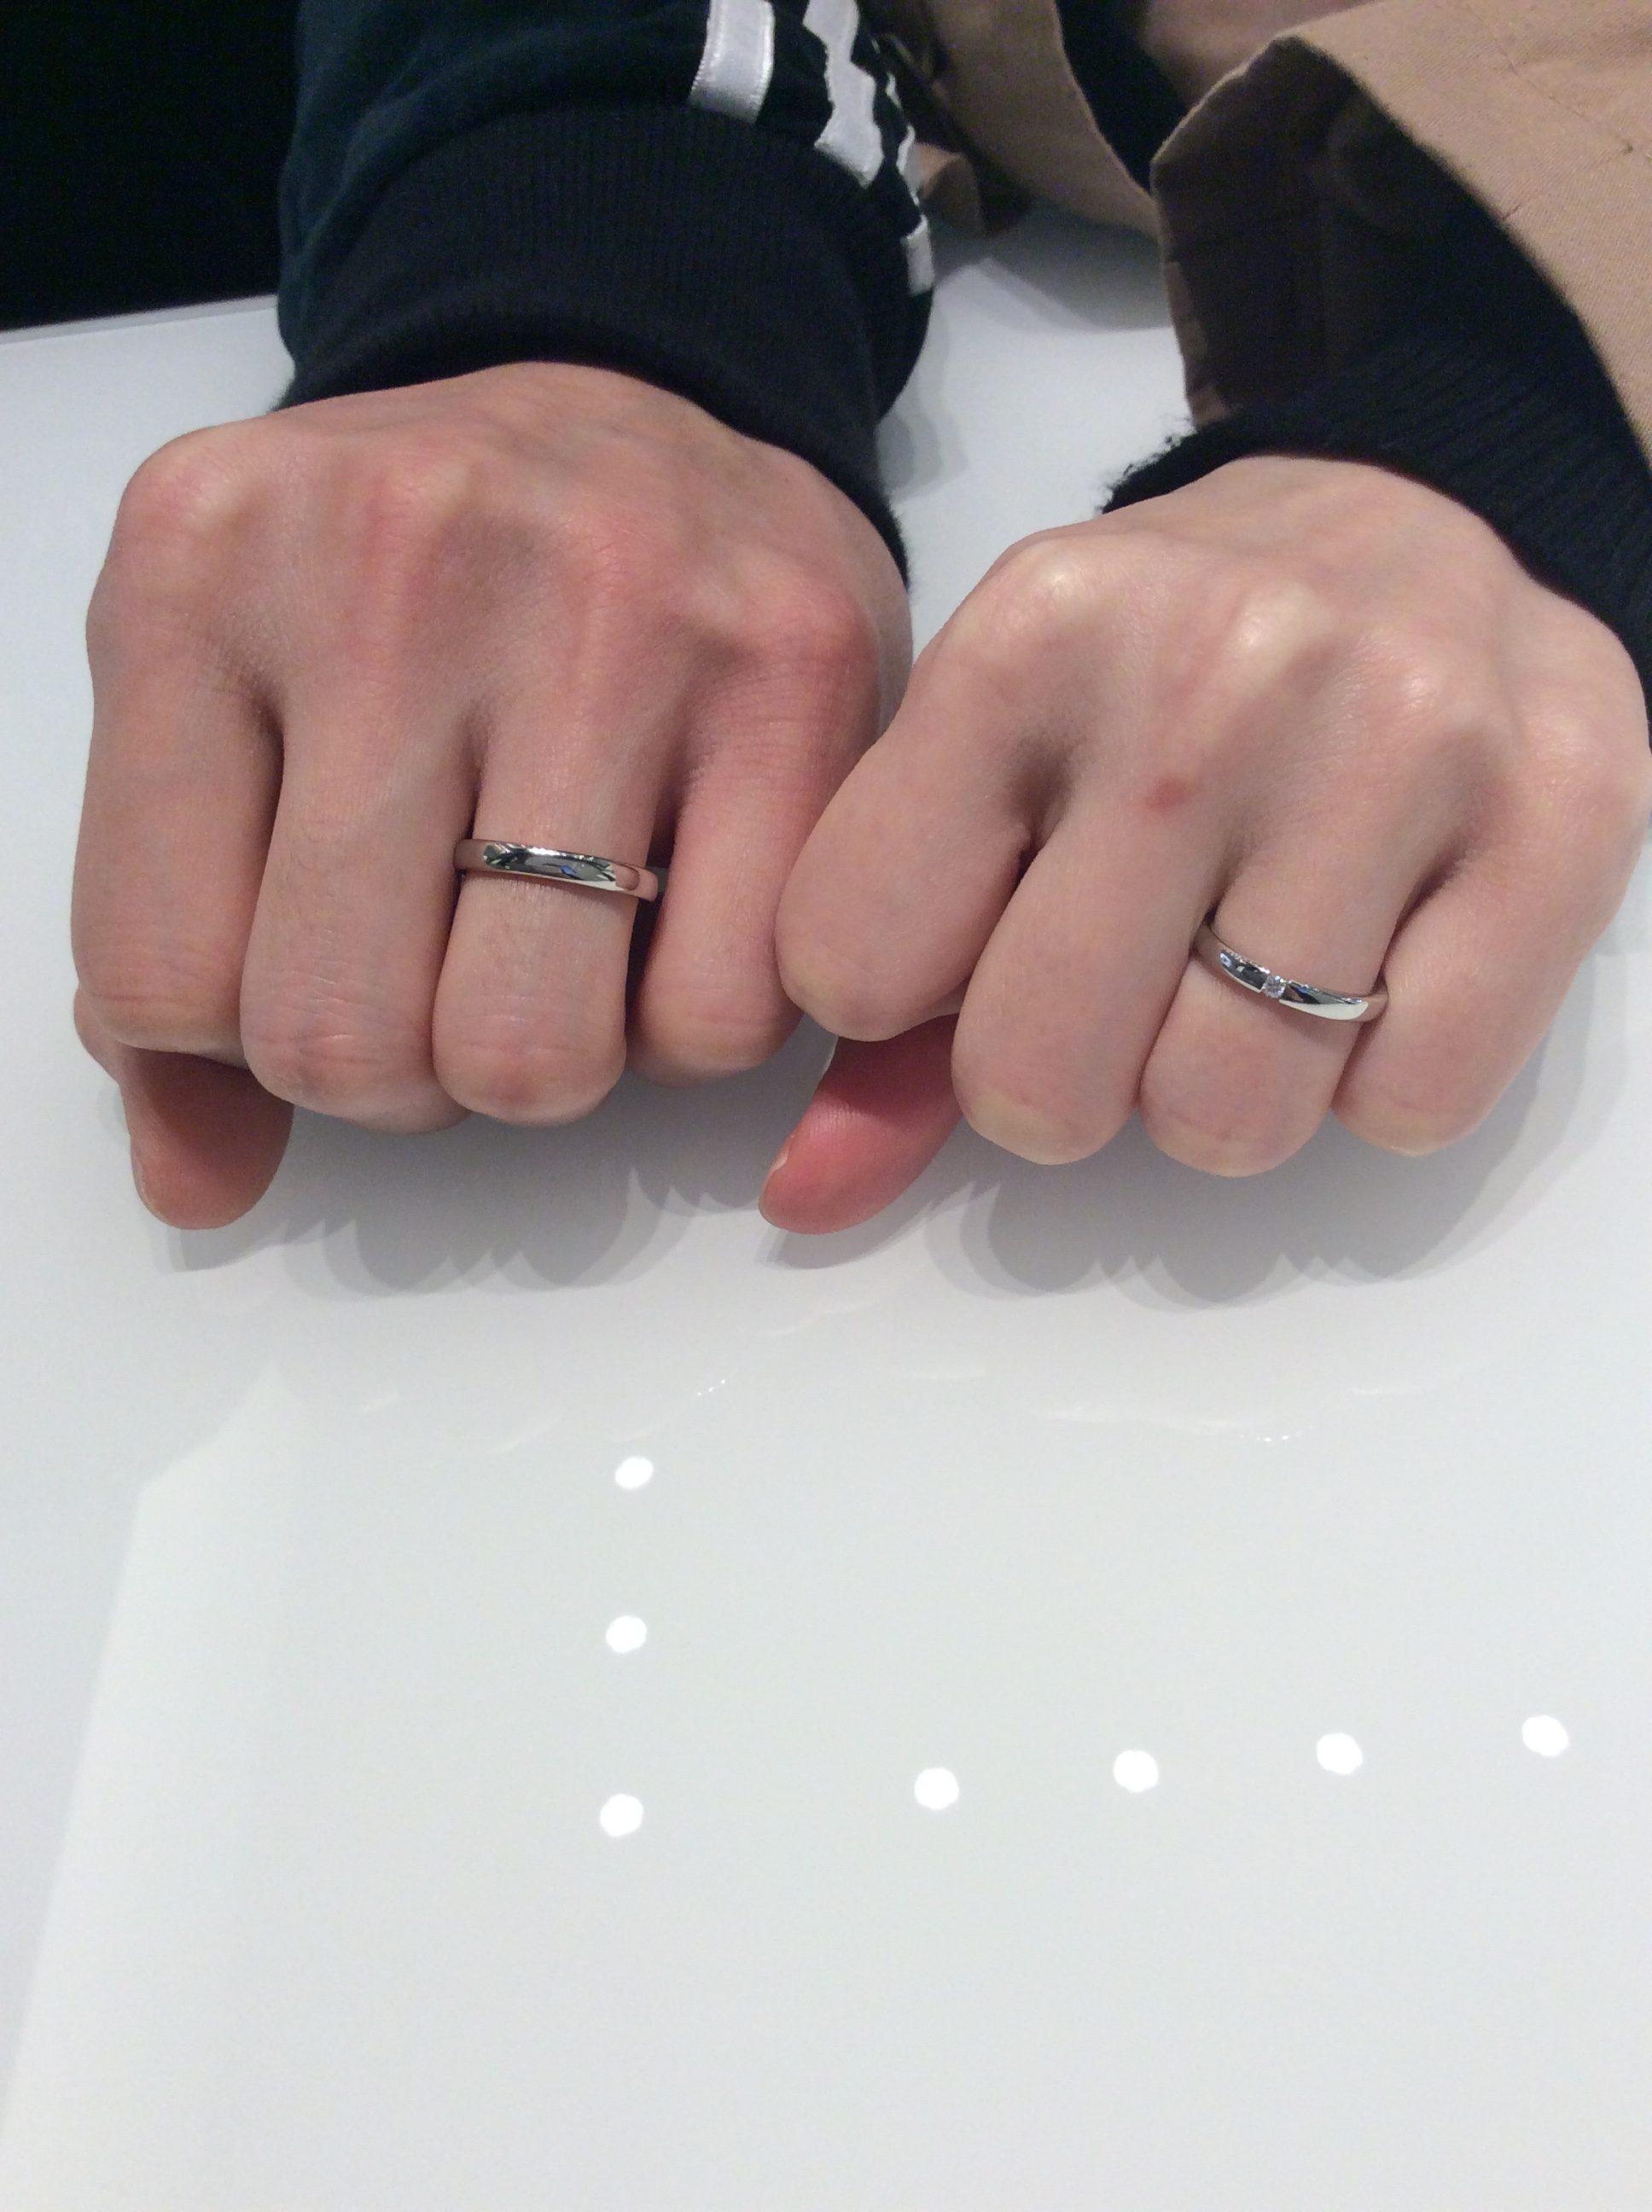 【高級なドイツ製 結婚指輪】FISCHER(フィッシャー)をご成約いただきました/新潟市D様&M様